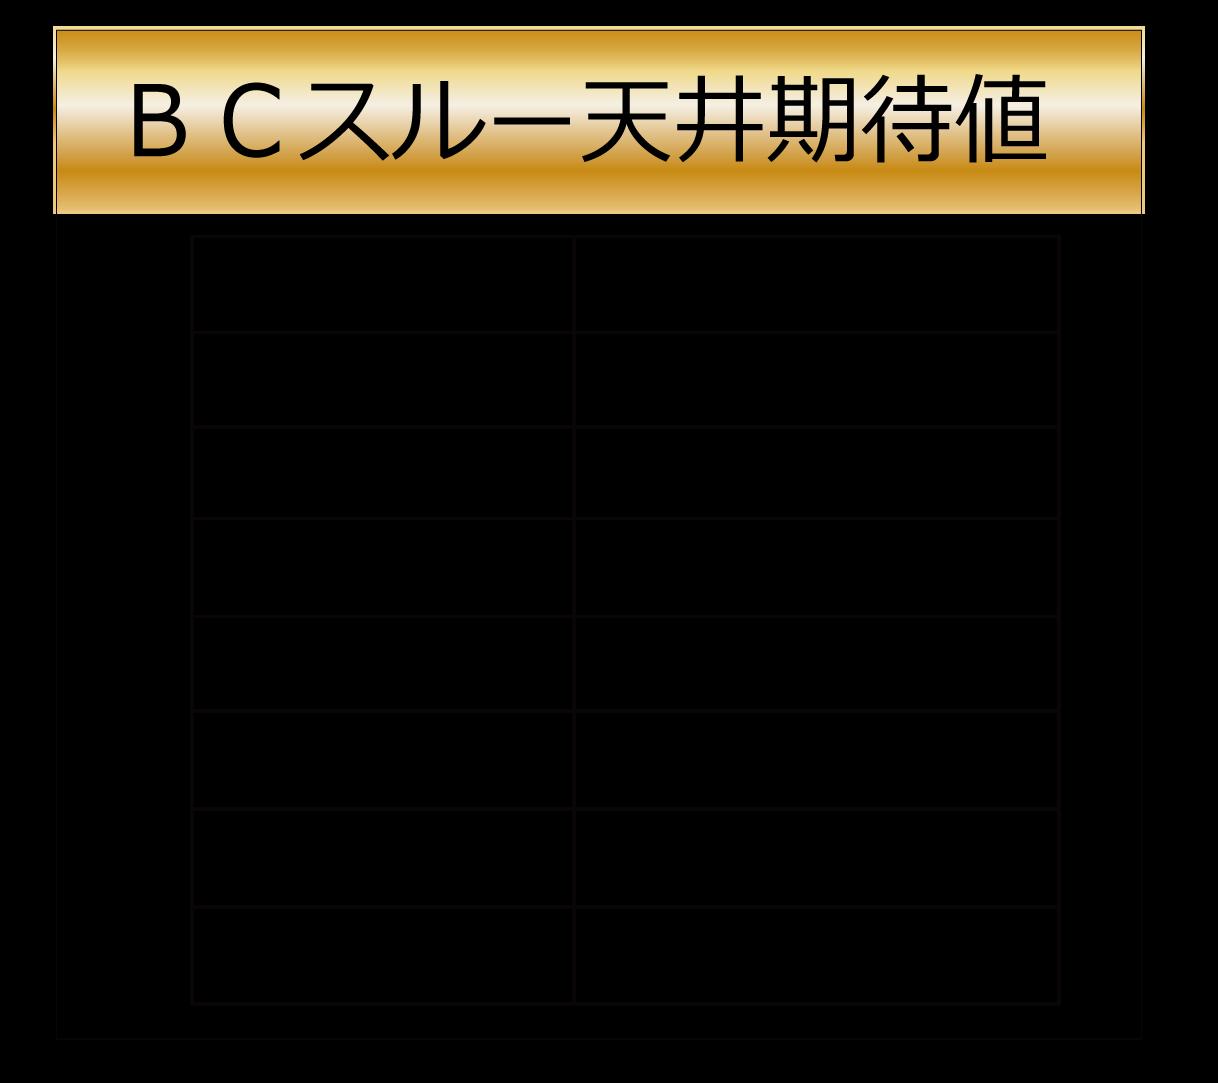 2 バジリスク 天井 絆